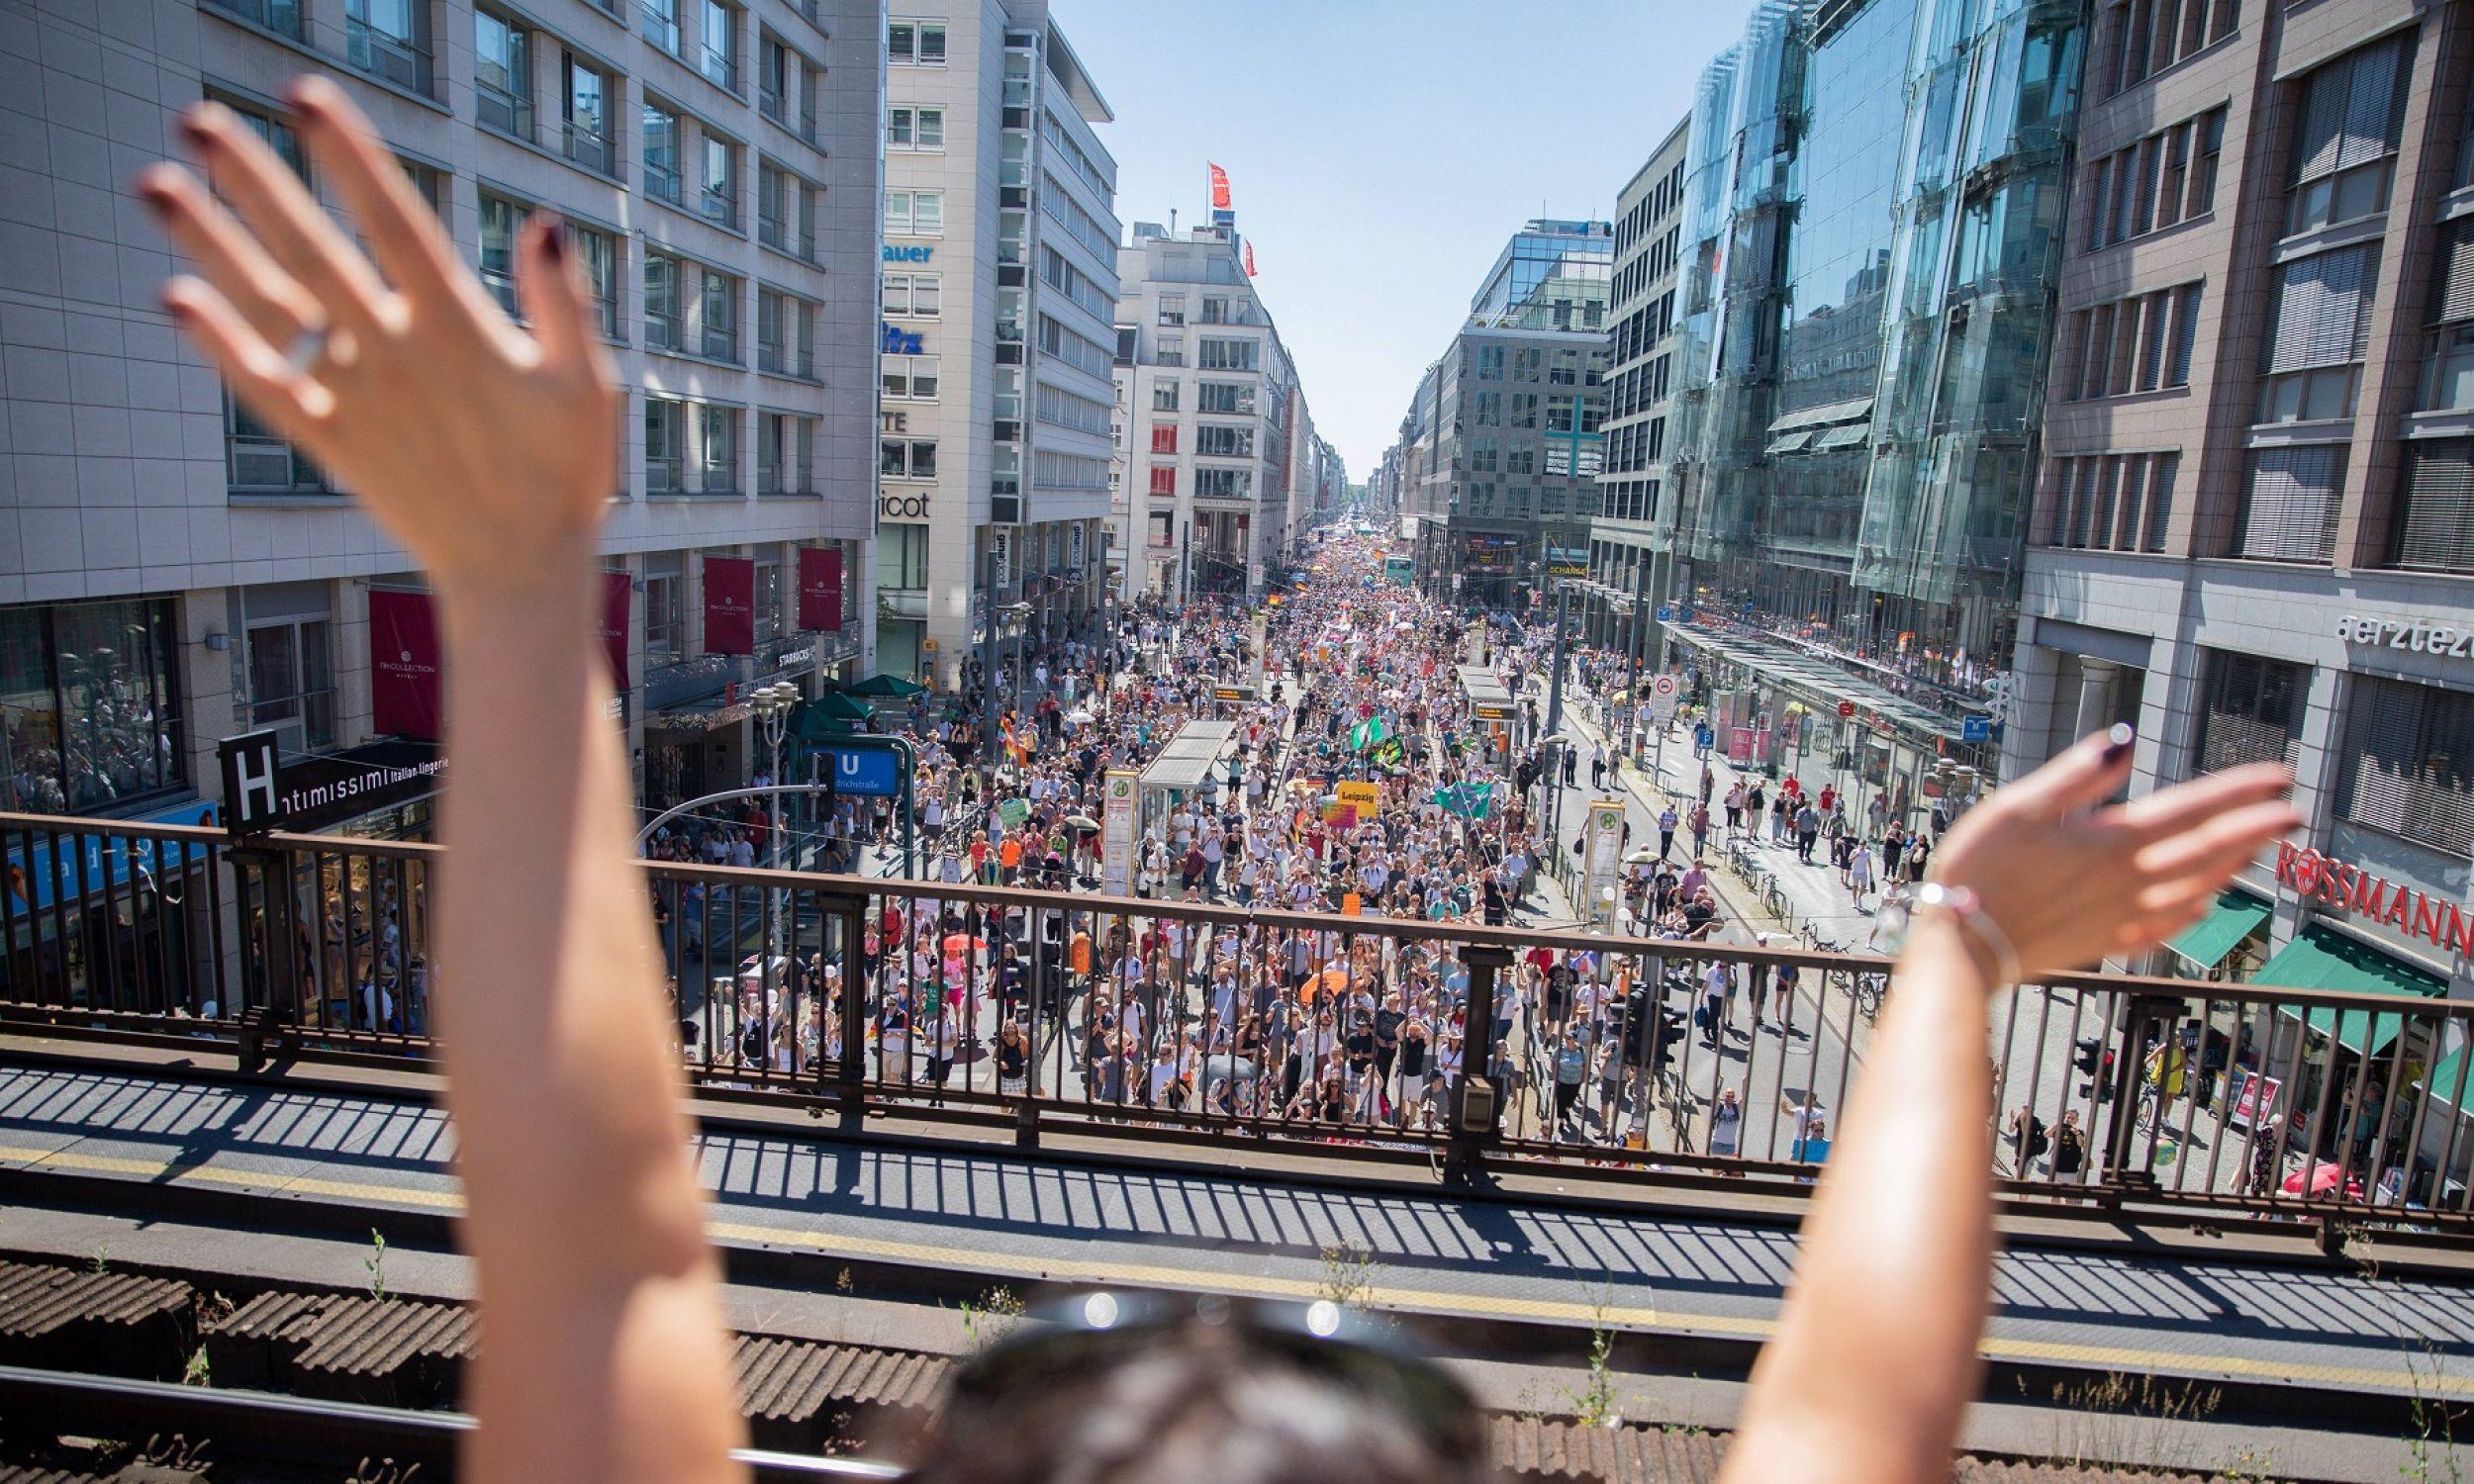 1 sierpnia w Berlinie zgromadziło się 30 tys. zwolenników ruchu Querdenken 711, choć organizatorzy twierdzą, że było ich ponad milion. Fot. Christoph Soeder/DPA/PAP